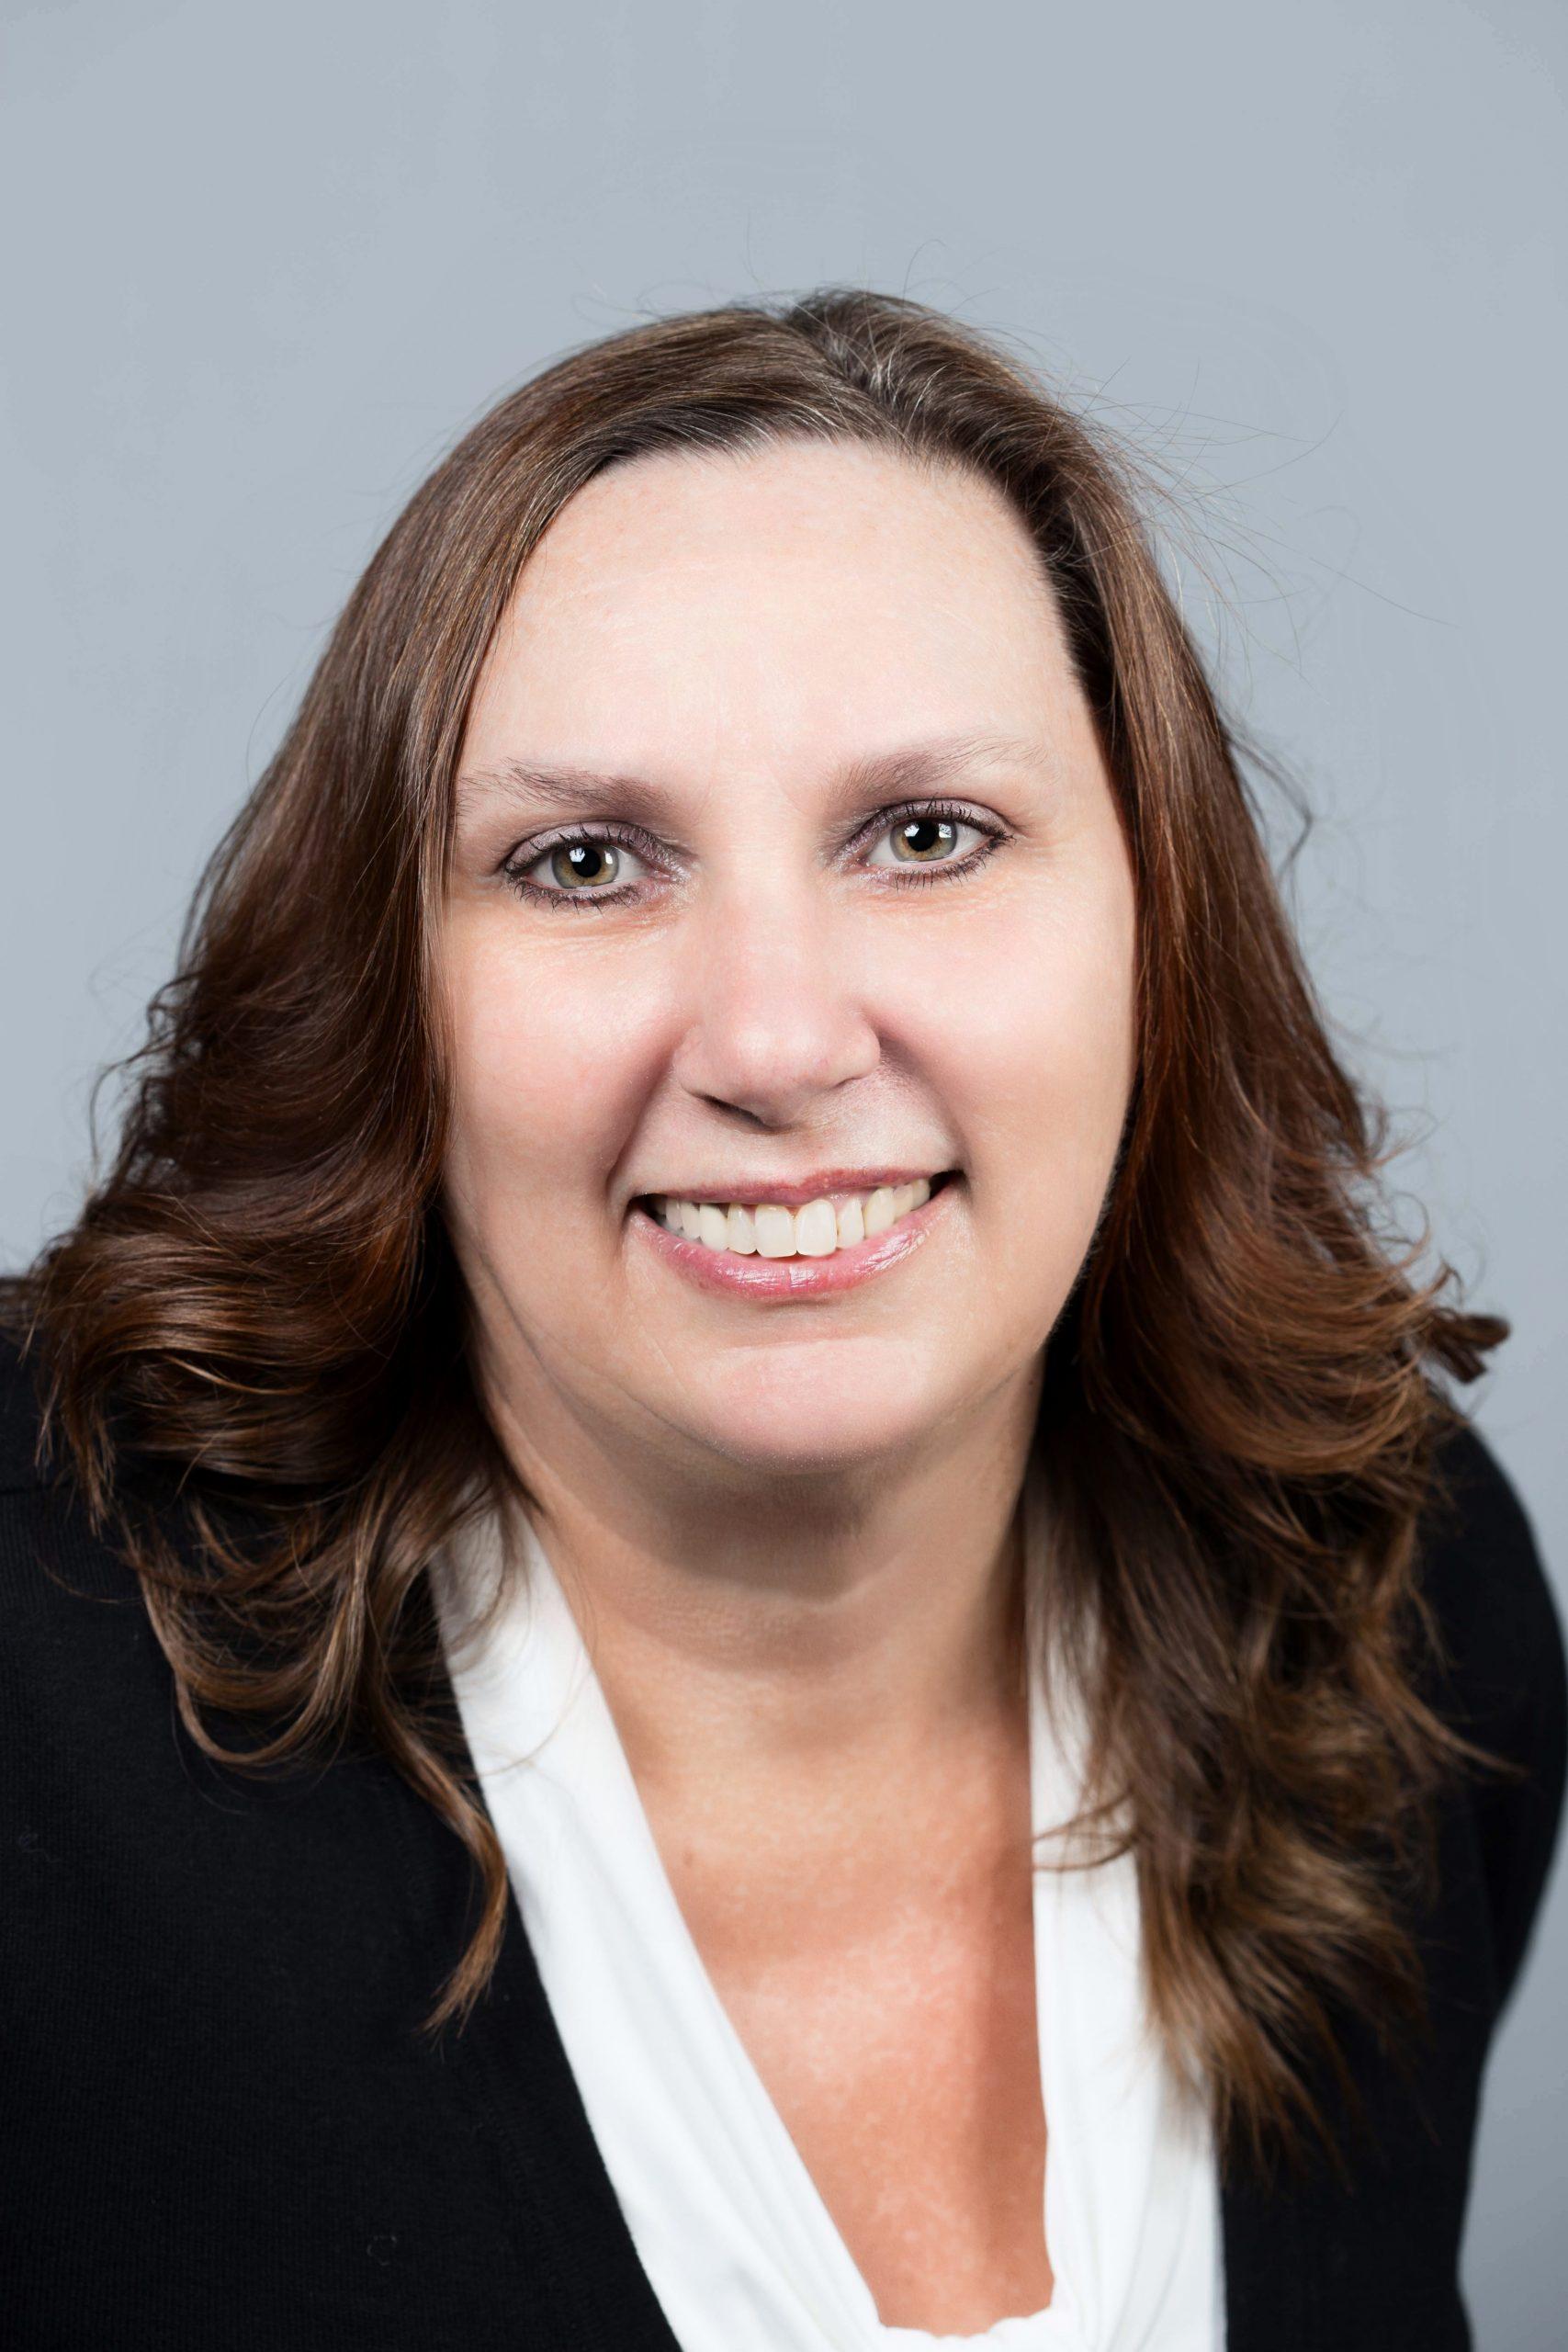 Lori Beahm